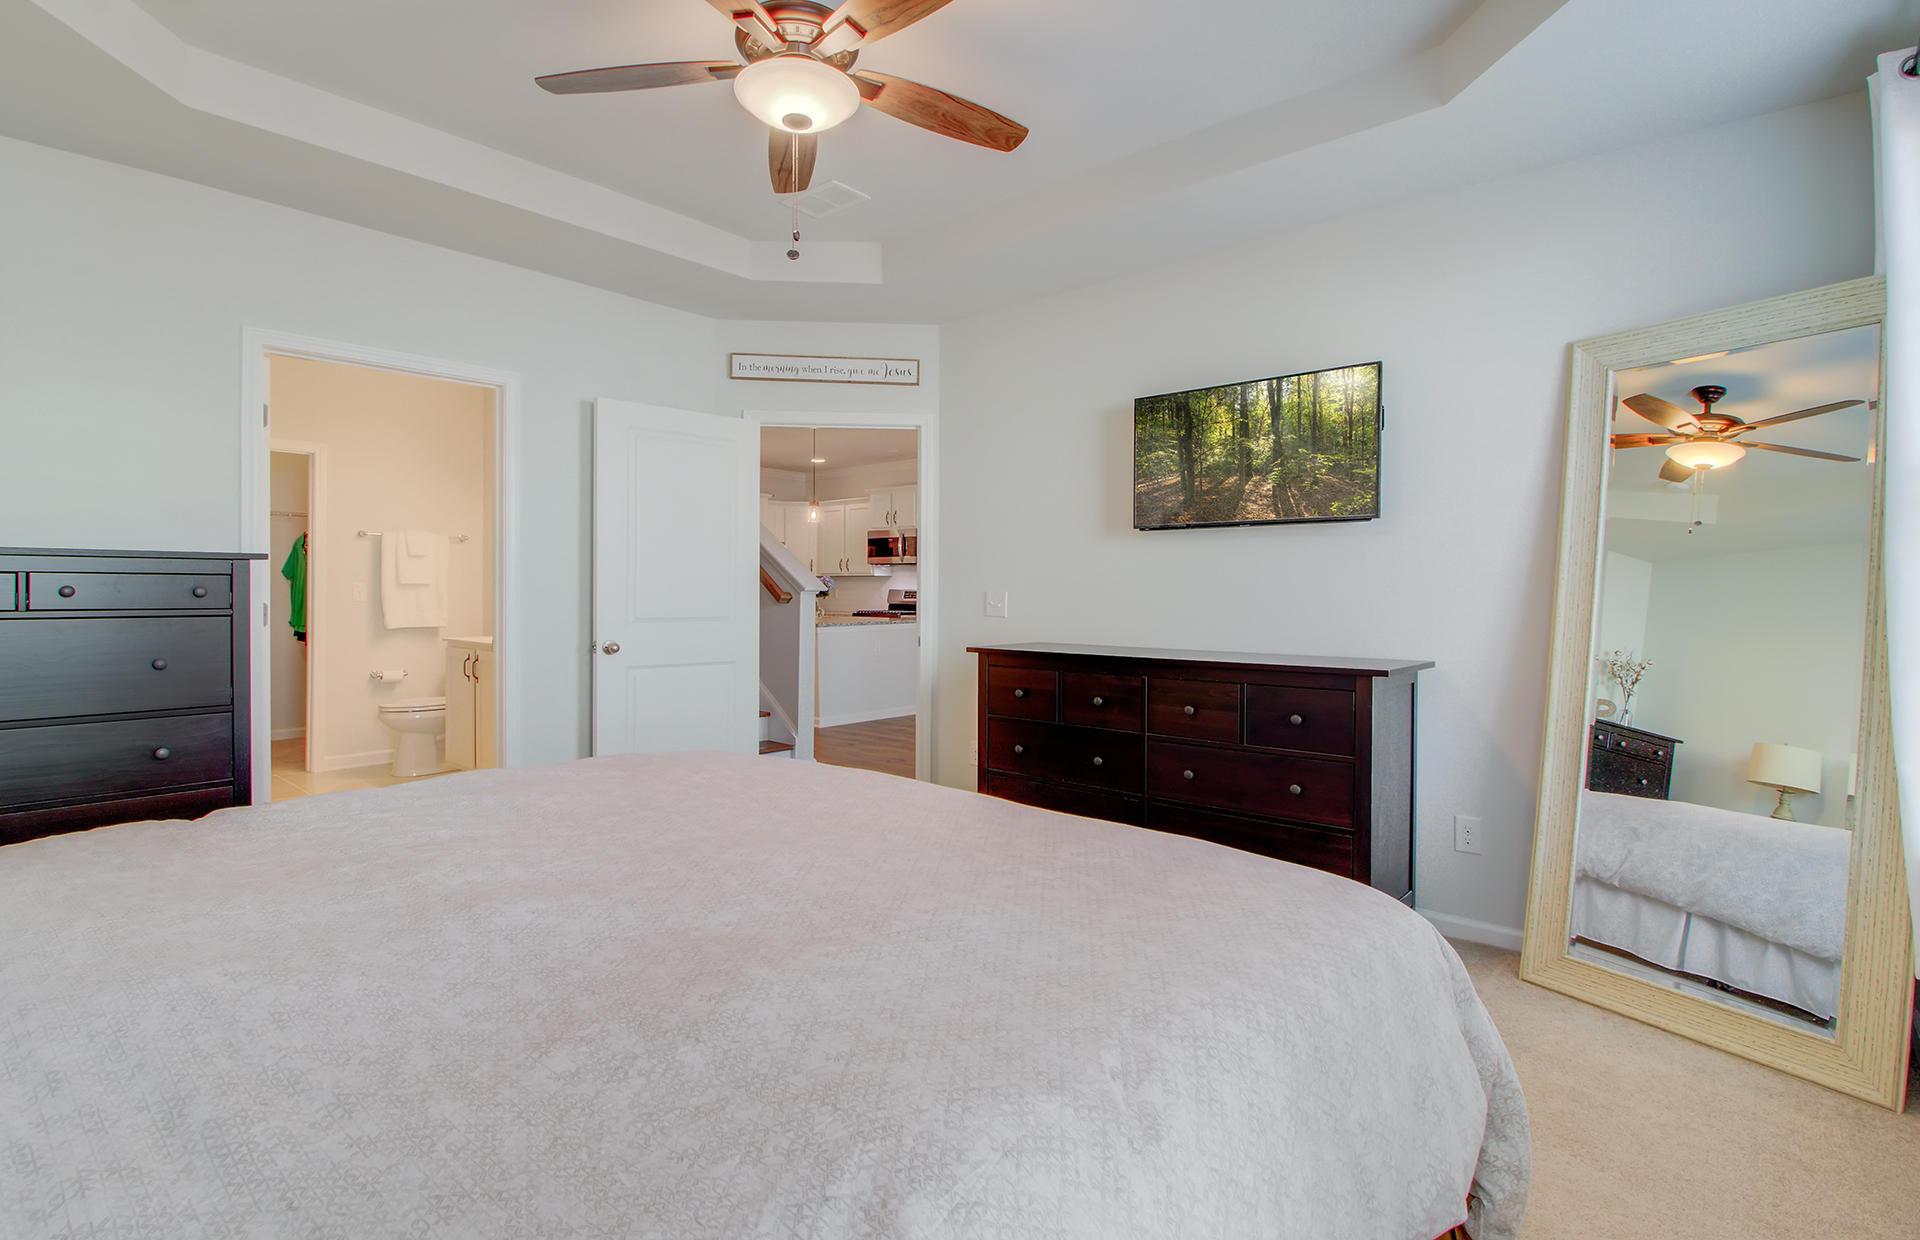 Park West Homes For Sale - 2569 Kingsfield, Mount Pleasant, SC - 24